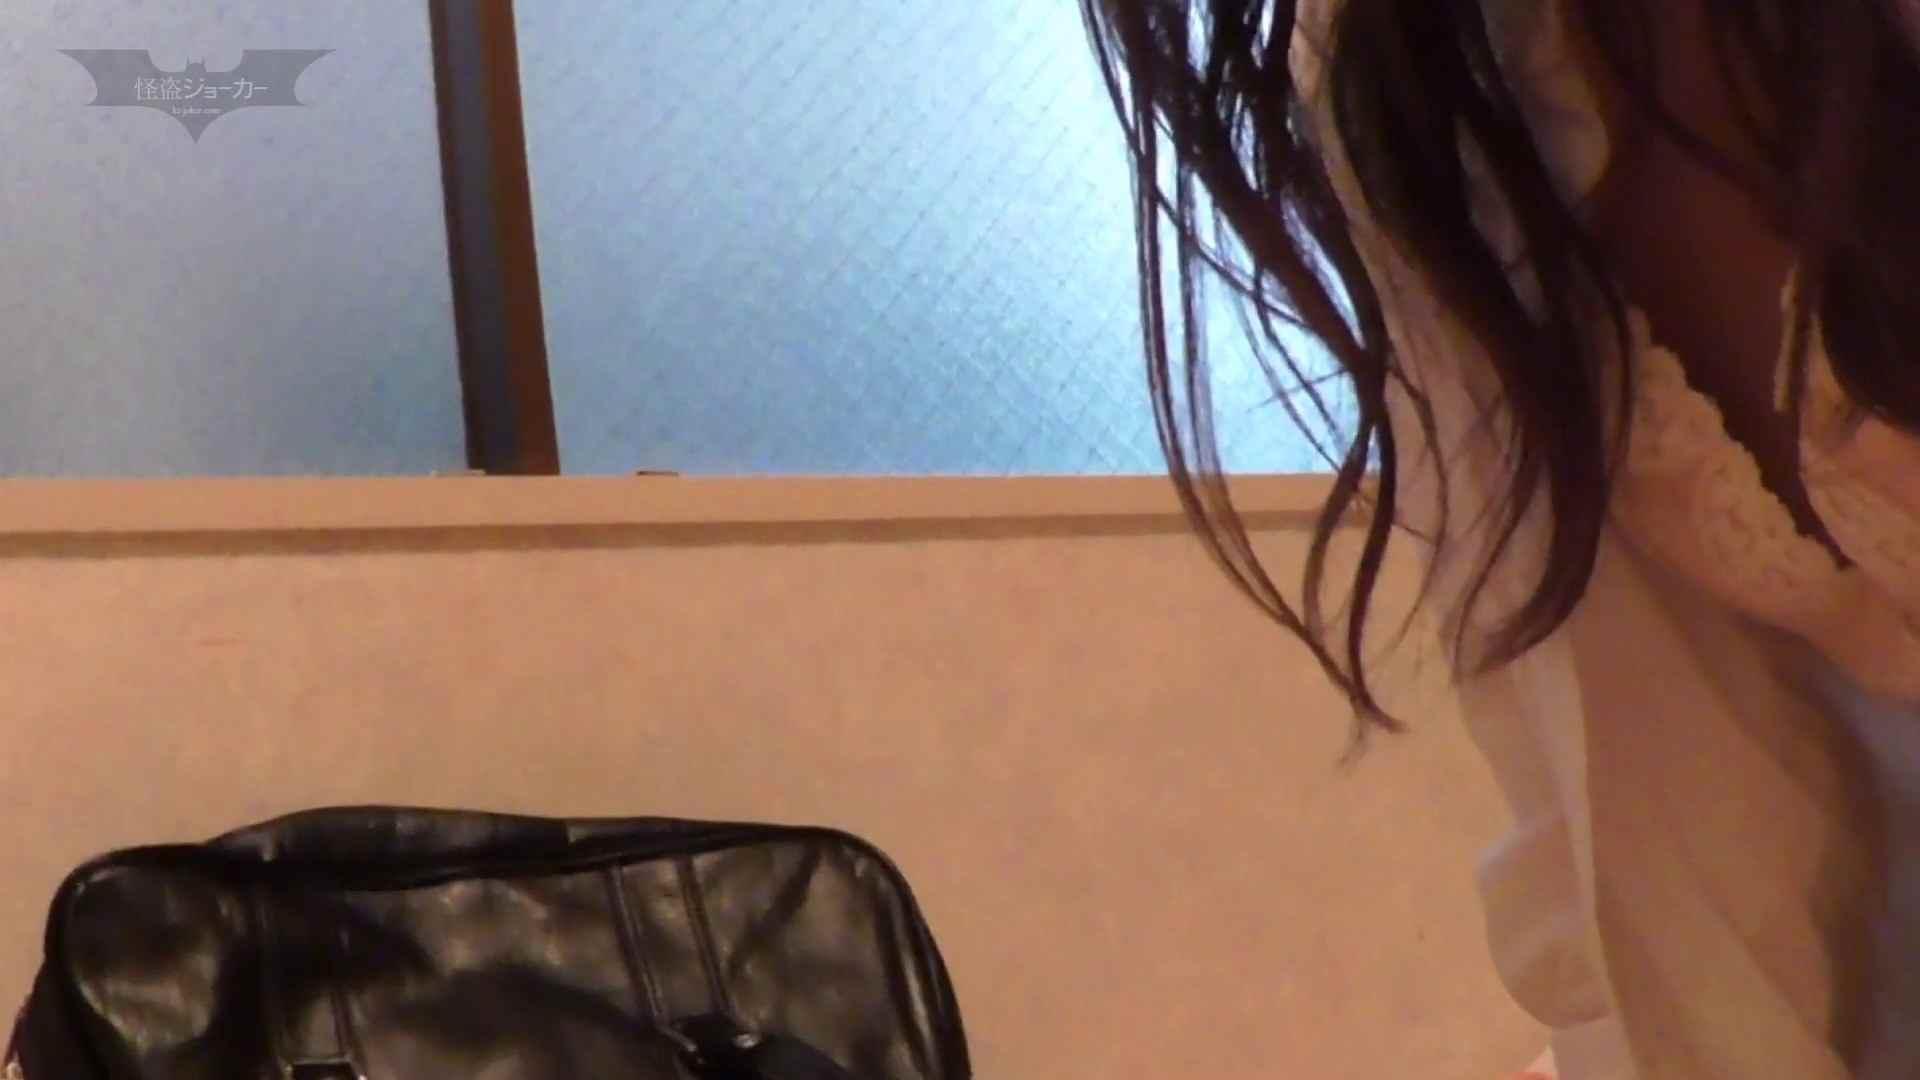 パンツを売る女 Vol.18 最近のSEIFUKUは話が早いっ!舐めるの上手いっ フェラ動画  71画像 66